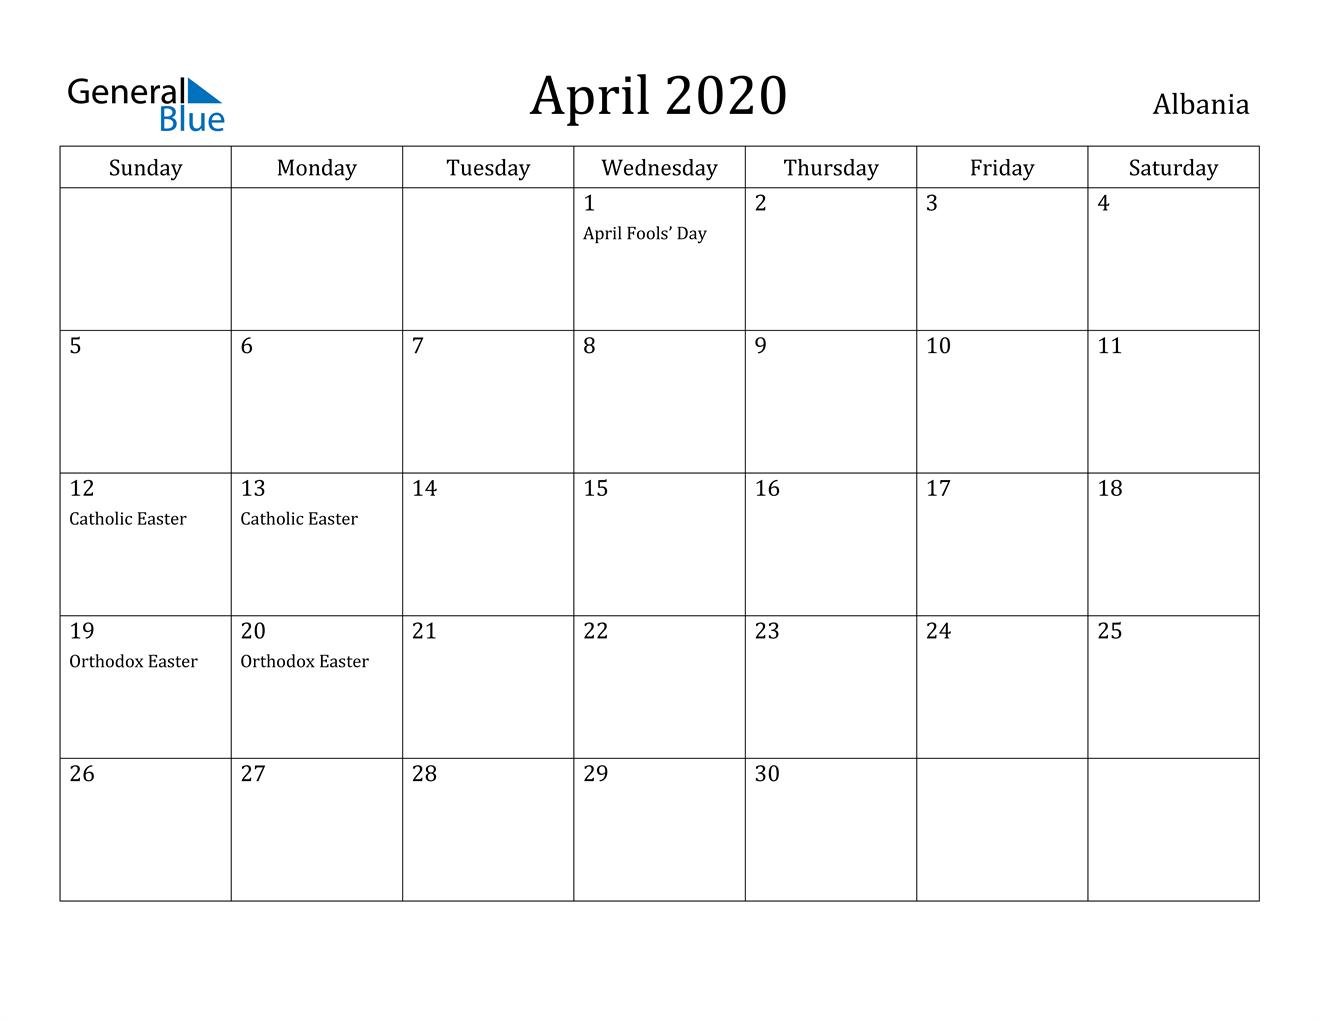 Image of April 2020 Albania Calendar with Holidays Calendar